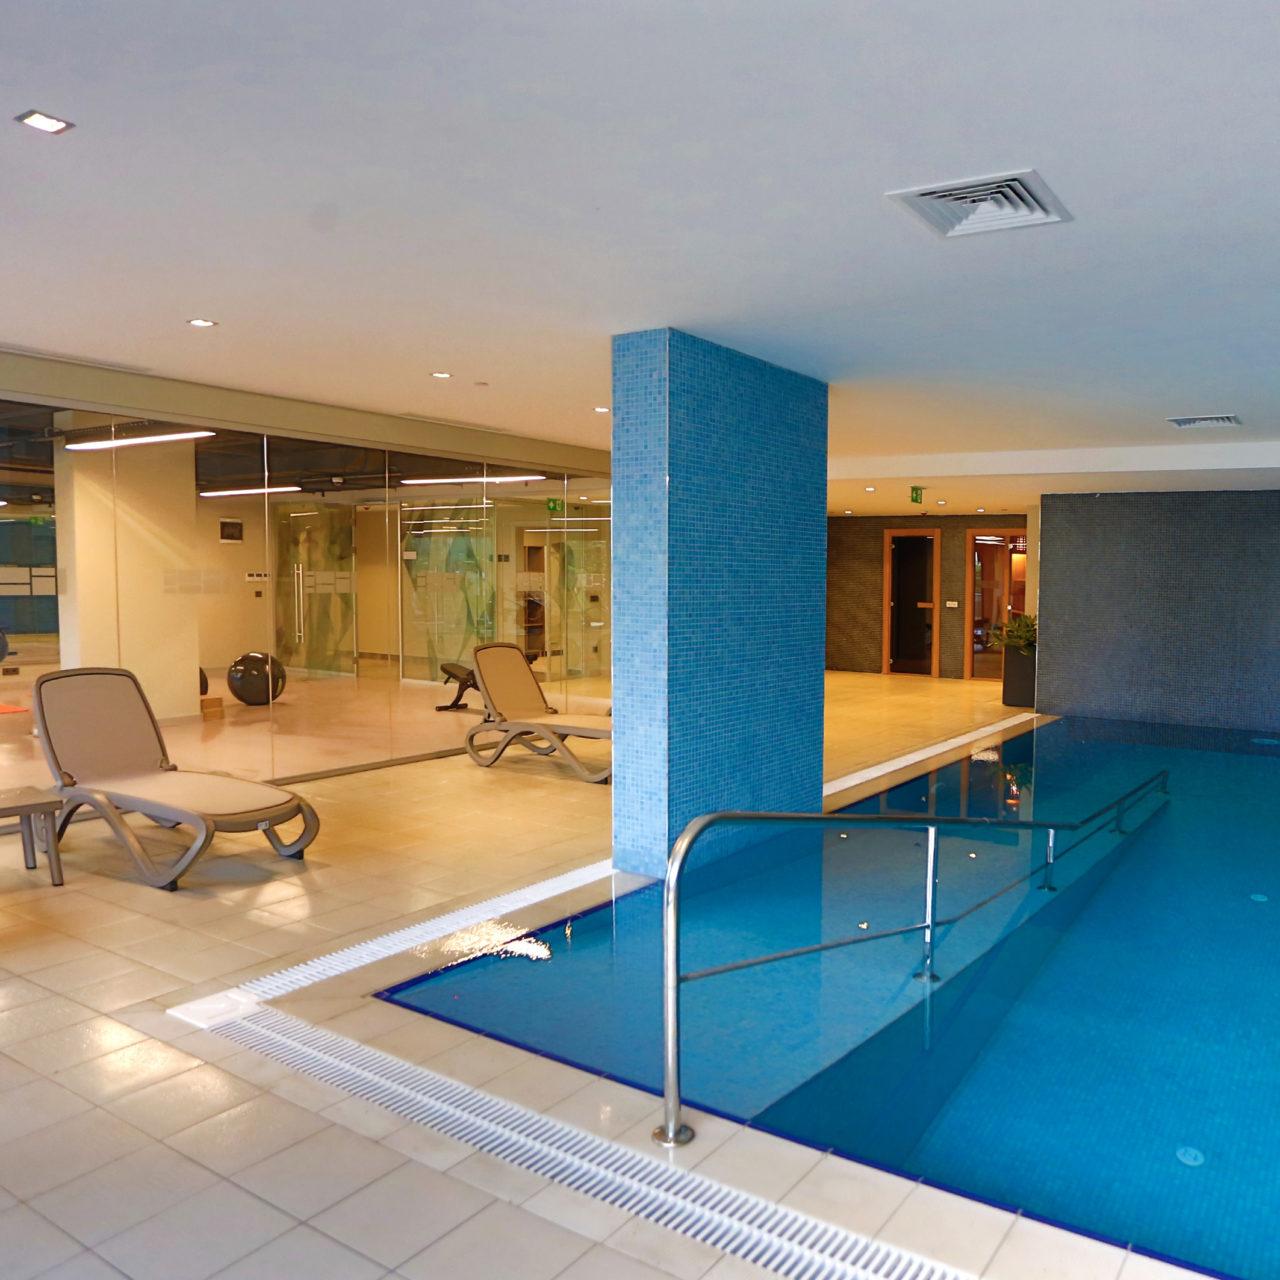 Antwell'de eğitmen eşliğinde her yaş için özel tasarlanmış spor tesisleri, spa, sauna, masaj ve cilt bakım odaları mevcut.